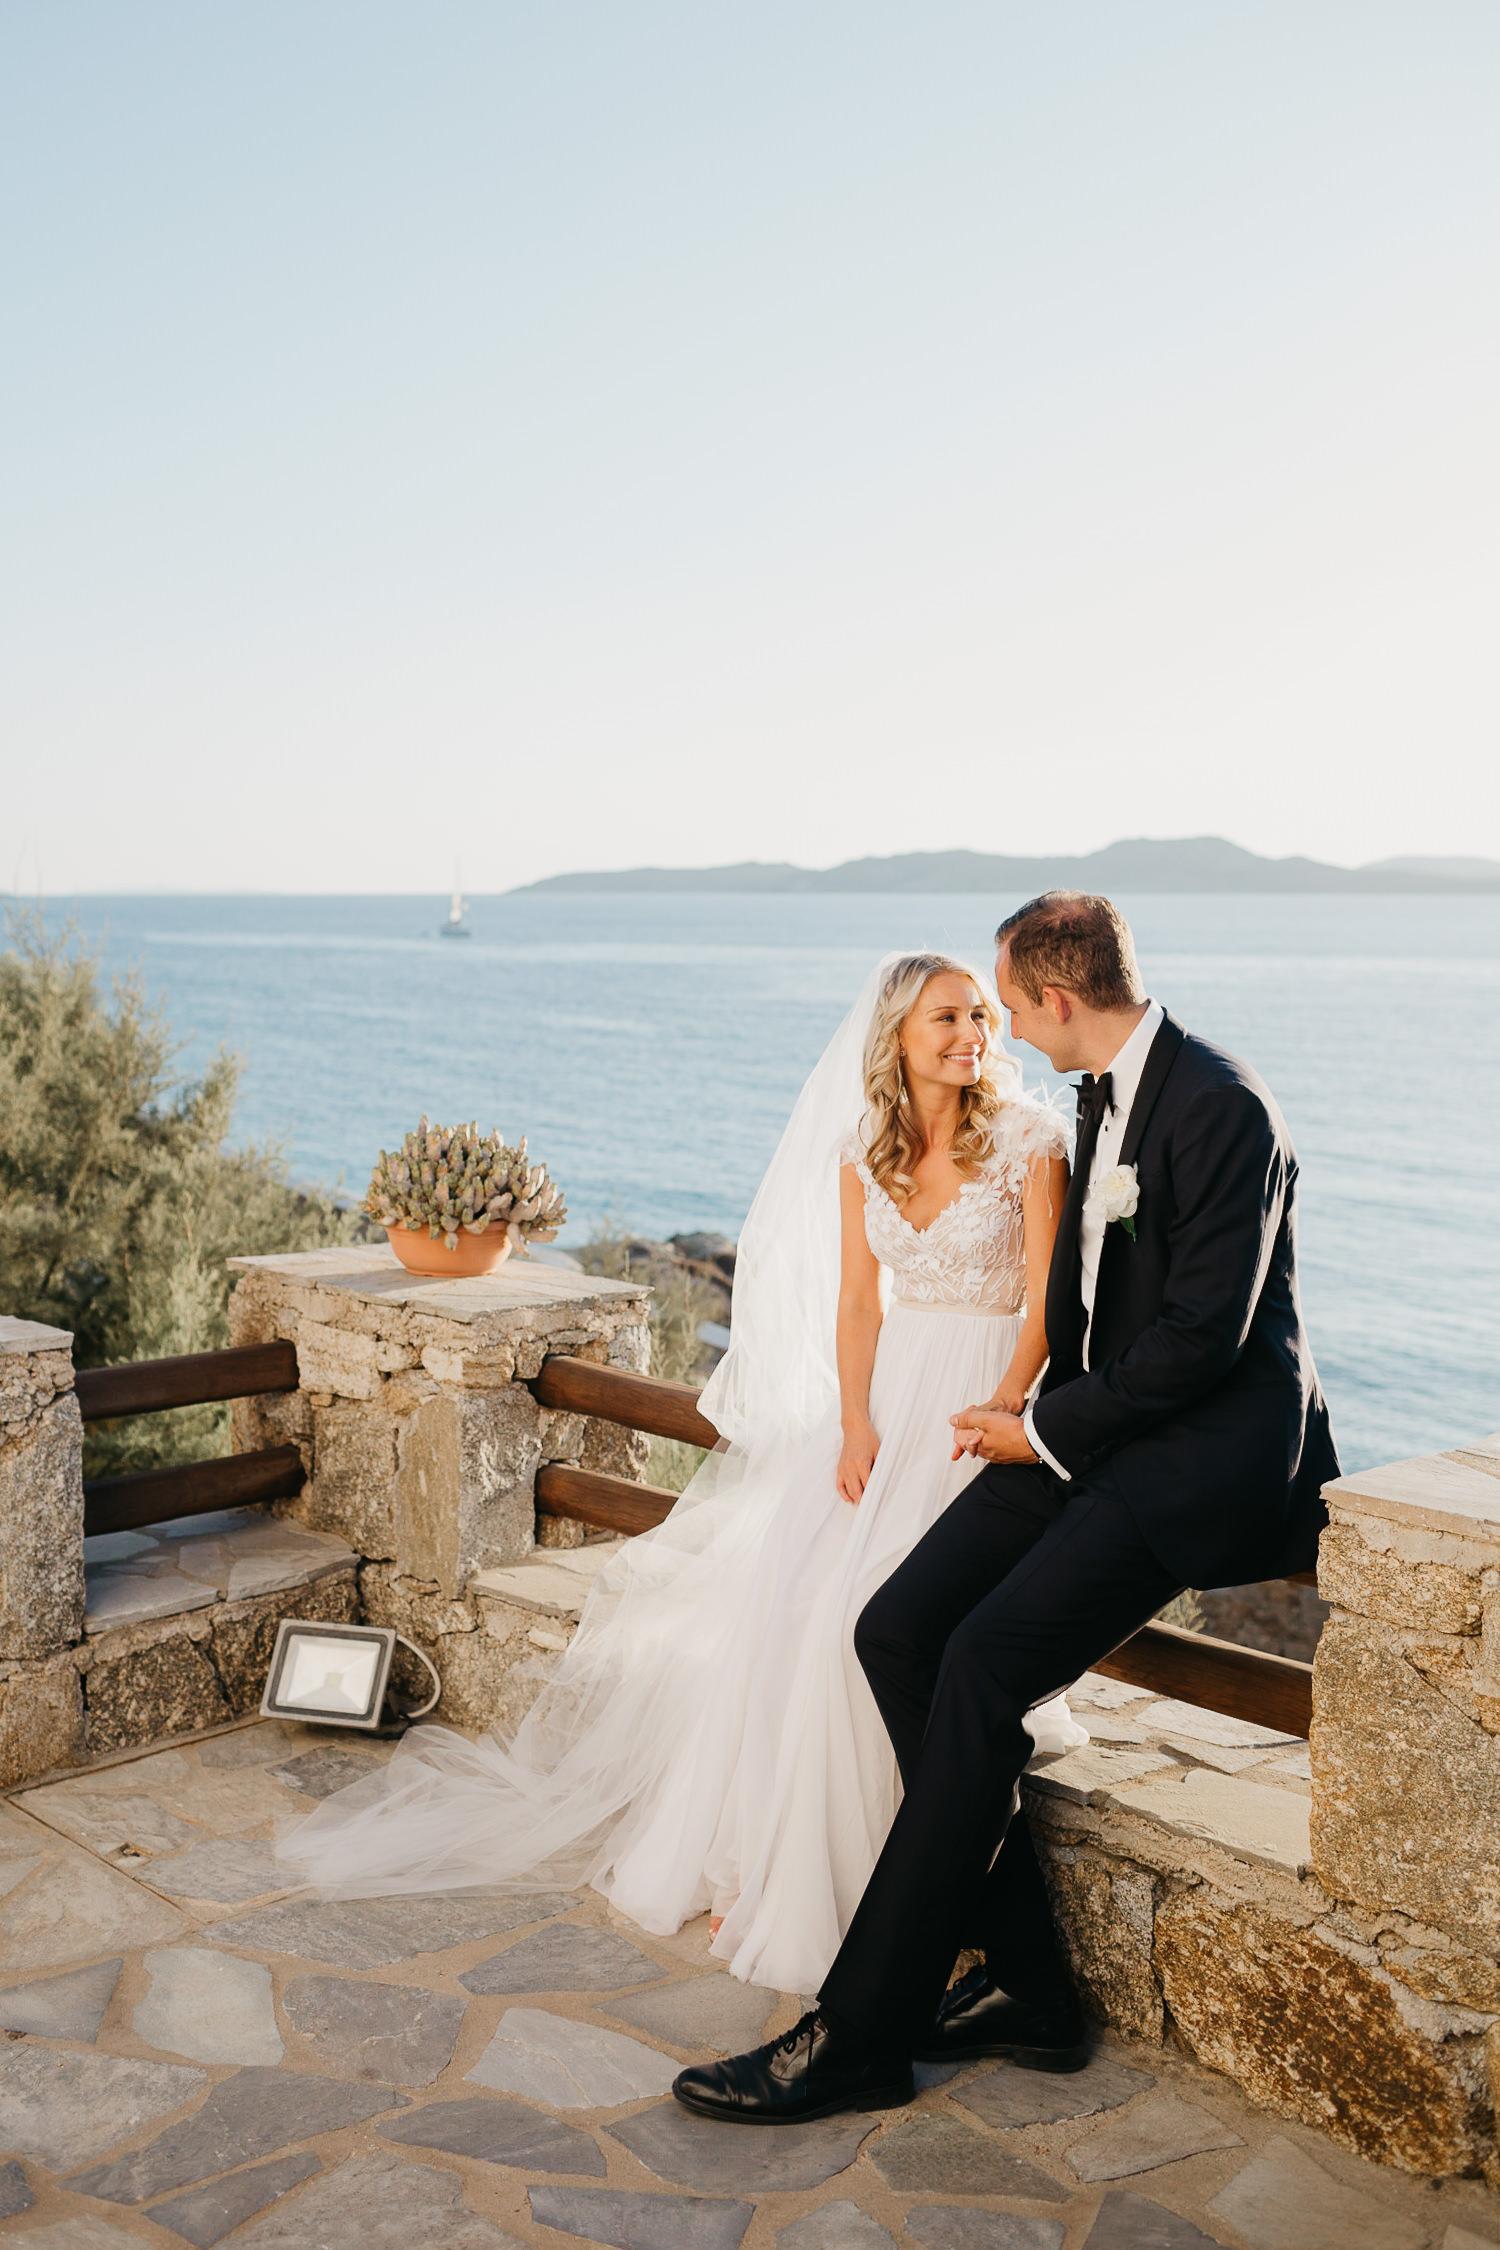 Hippie Fish Mykonos Wedding Photographer - Liron Erel Echoes & Wild Hearts 0043.jpg